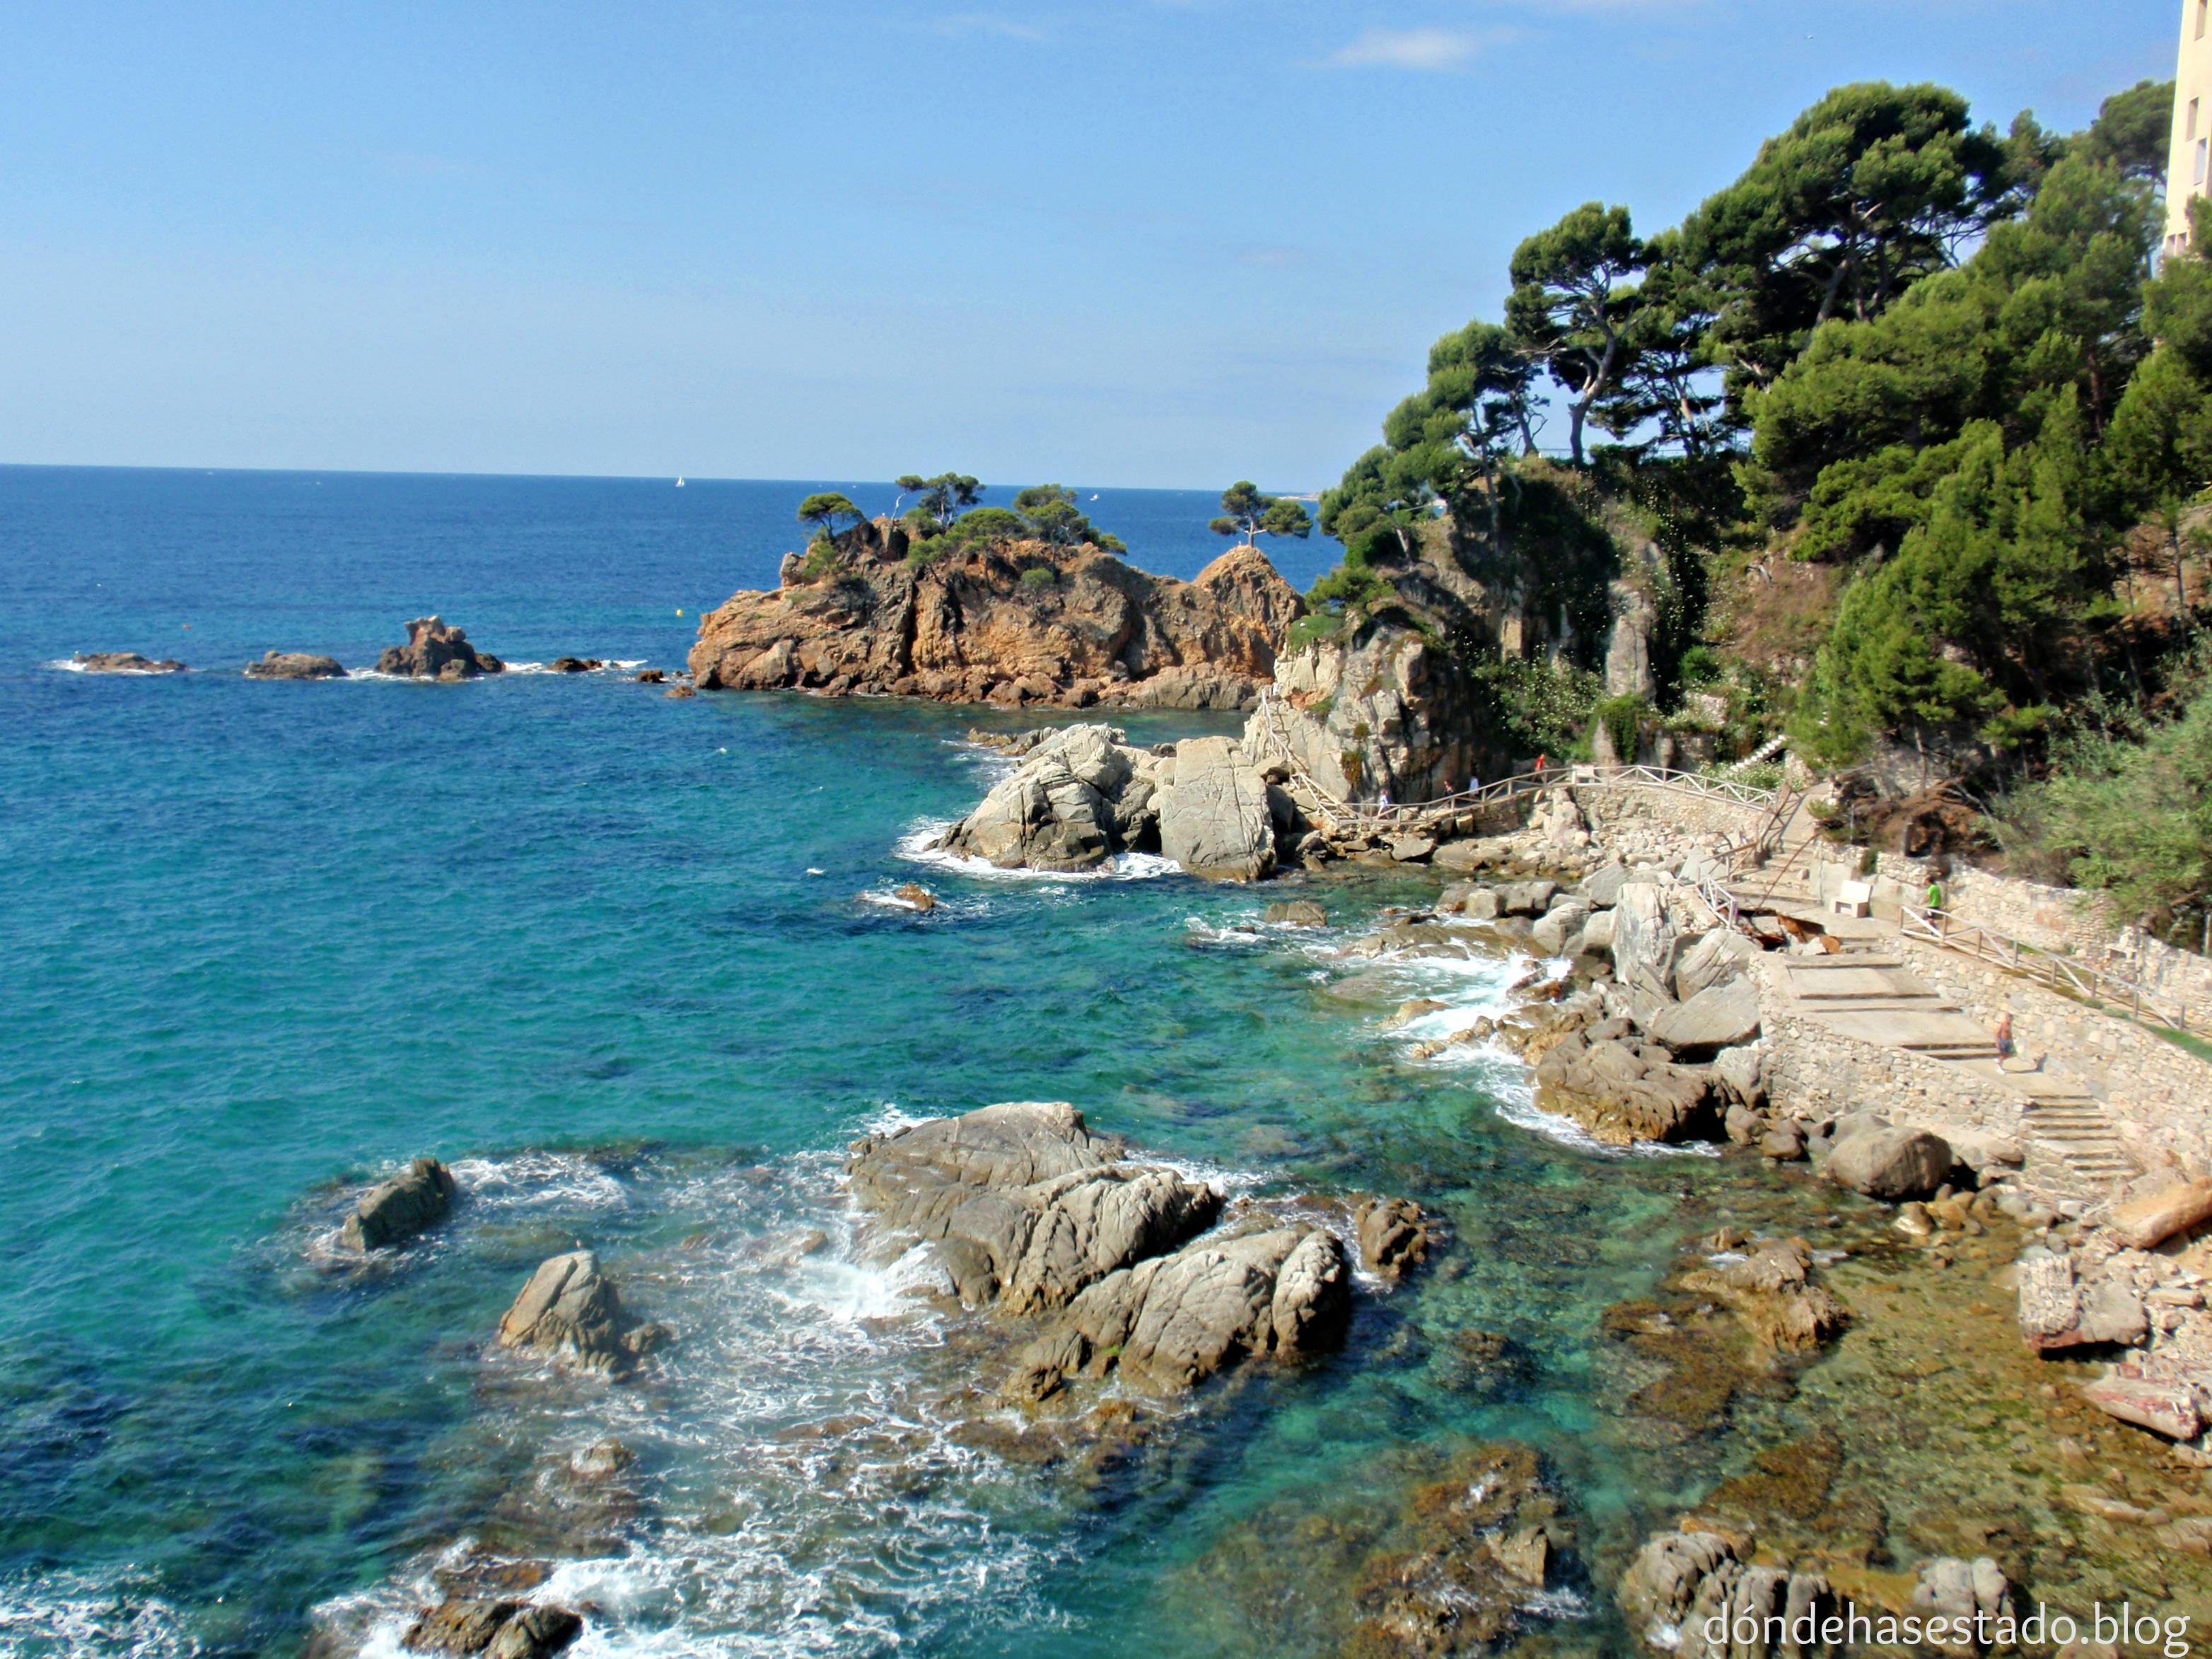 Playa Port d'Alguer